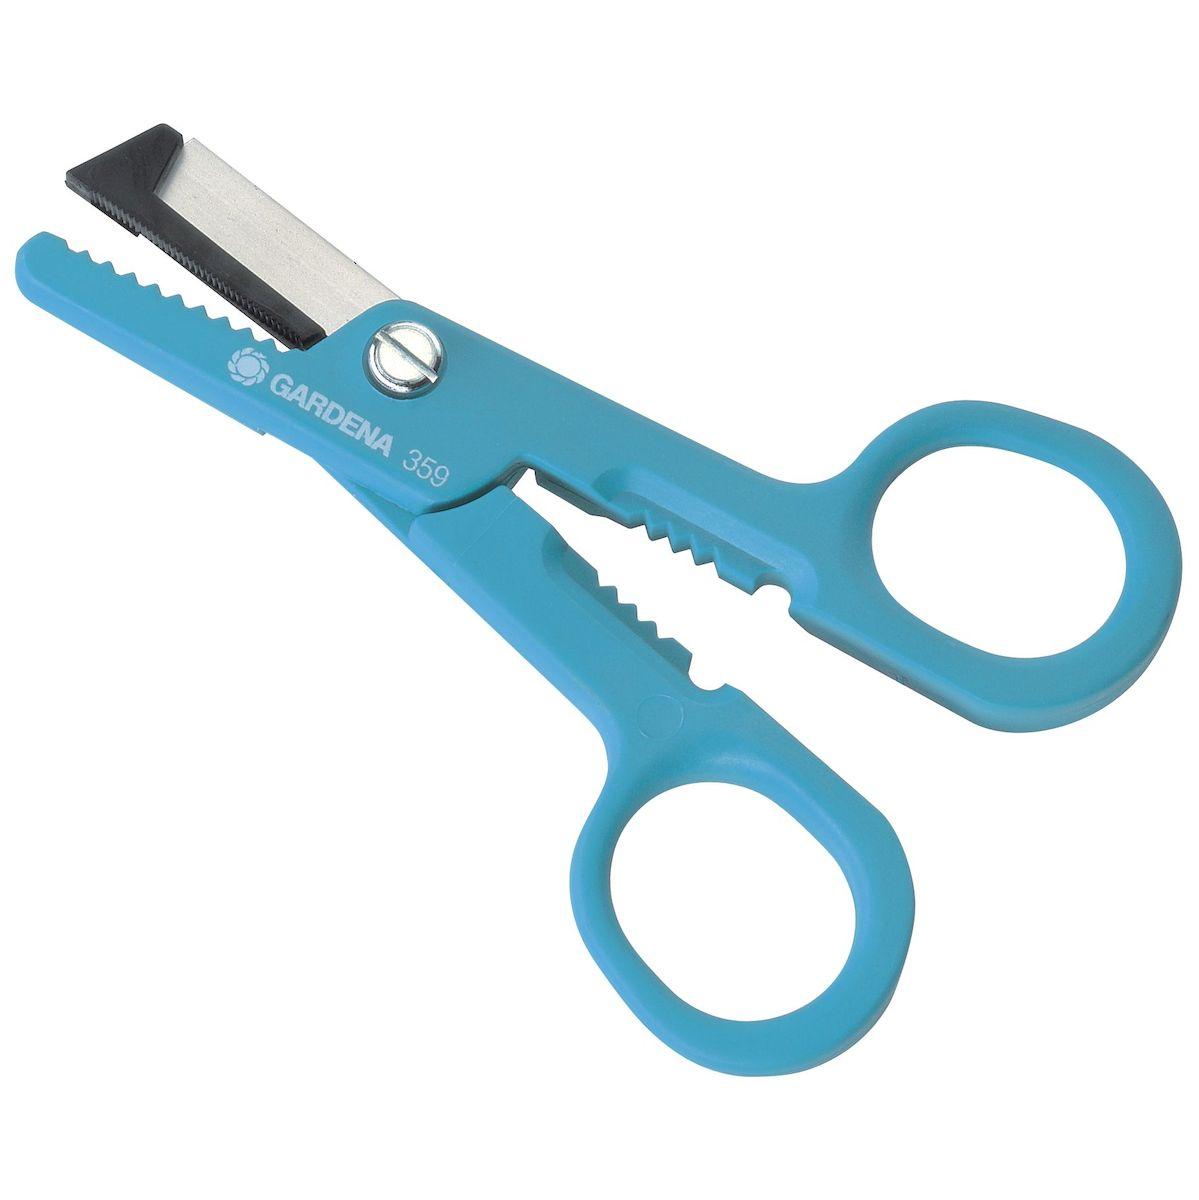 Gardena Ножницы для роз, 21 см00359-20.000.00Одни ножницы - четыре функции. Для резки/ захвата/ удаления шипов/ смятия черенков. Общая длина 210мм. Ножи из высококачественной нержавеющей стали.